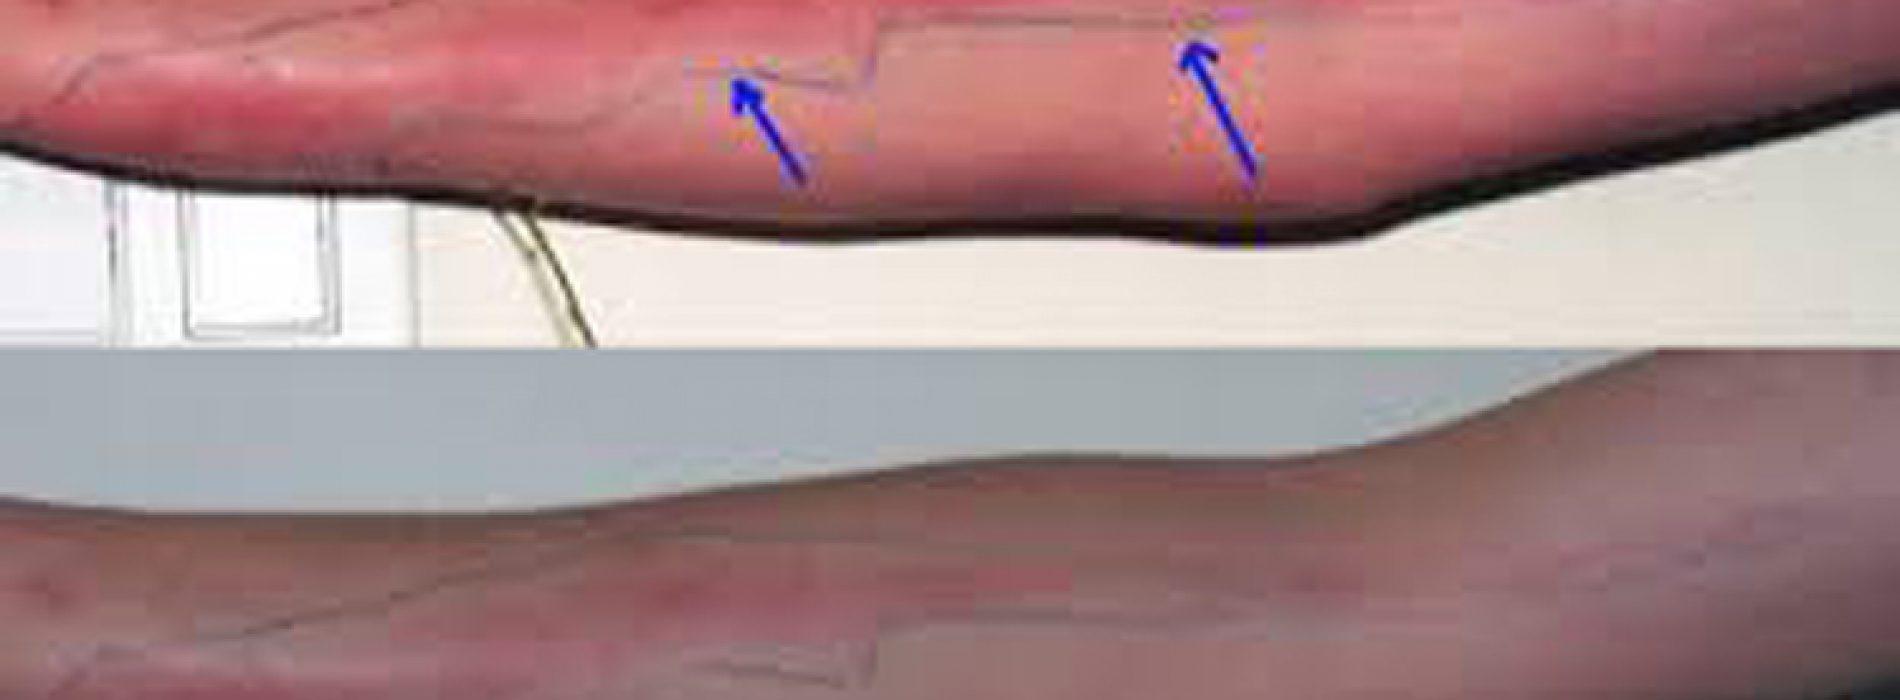 8 tekenen die kunnen wijzen op interne bloedstolling.